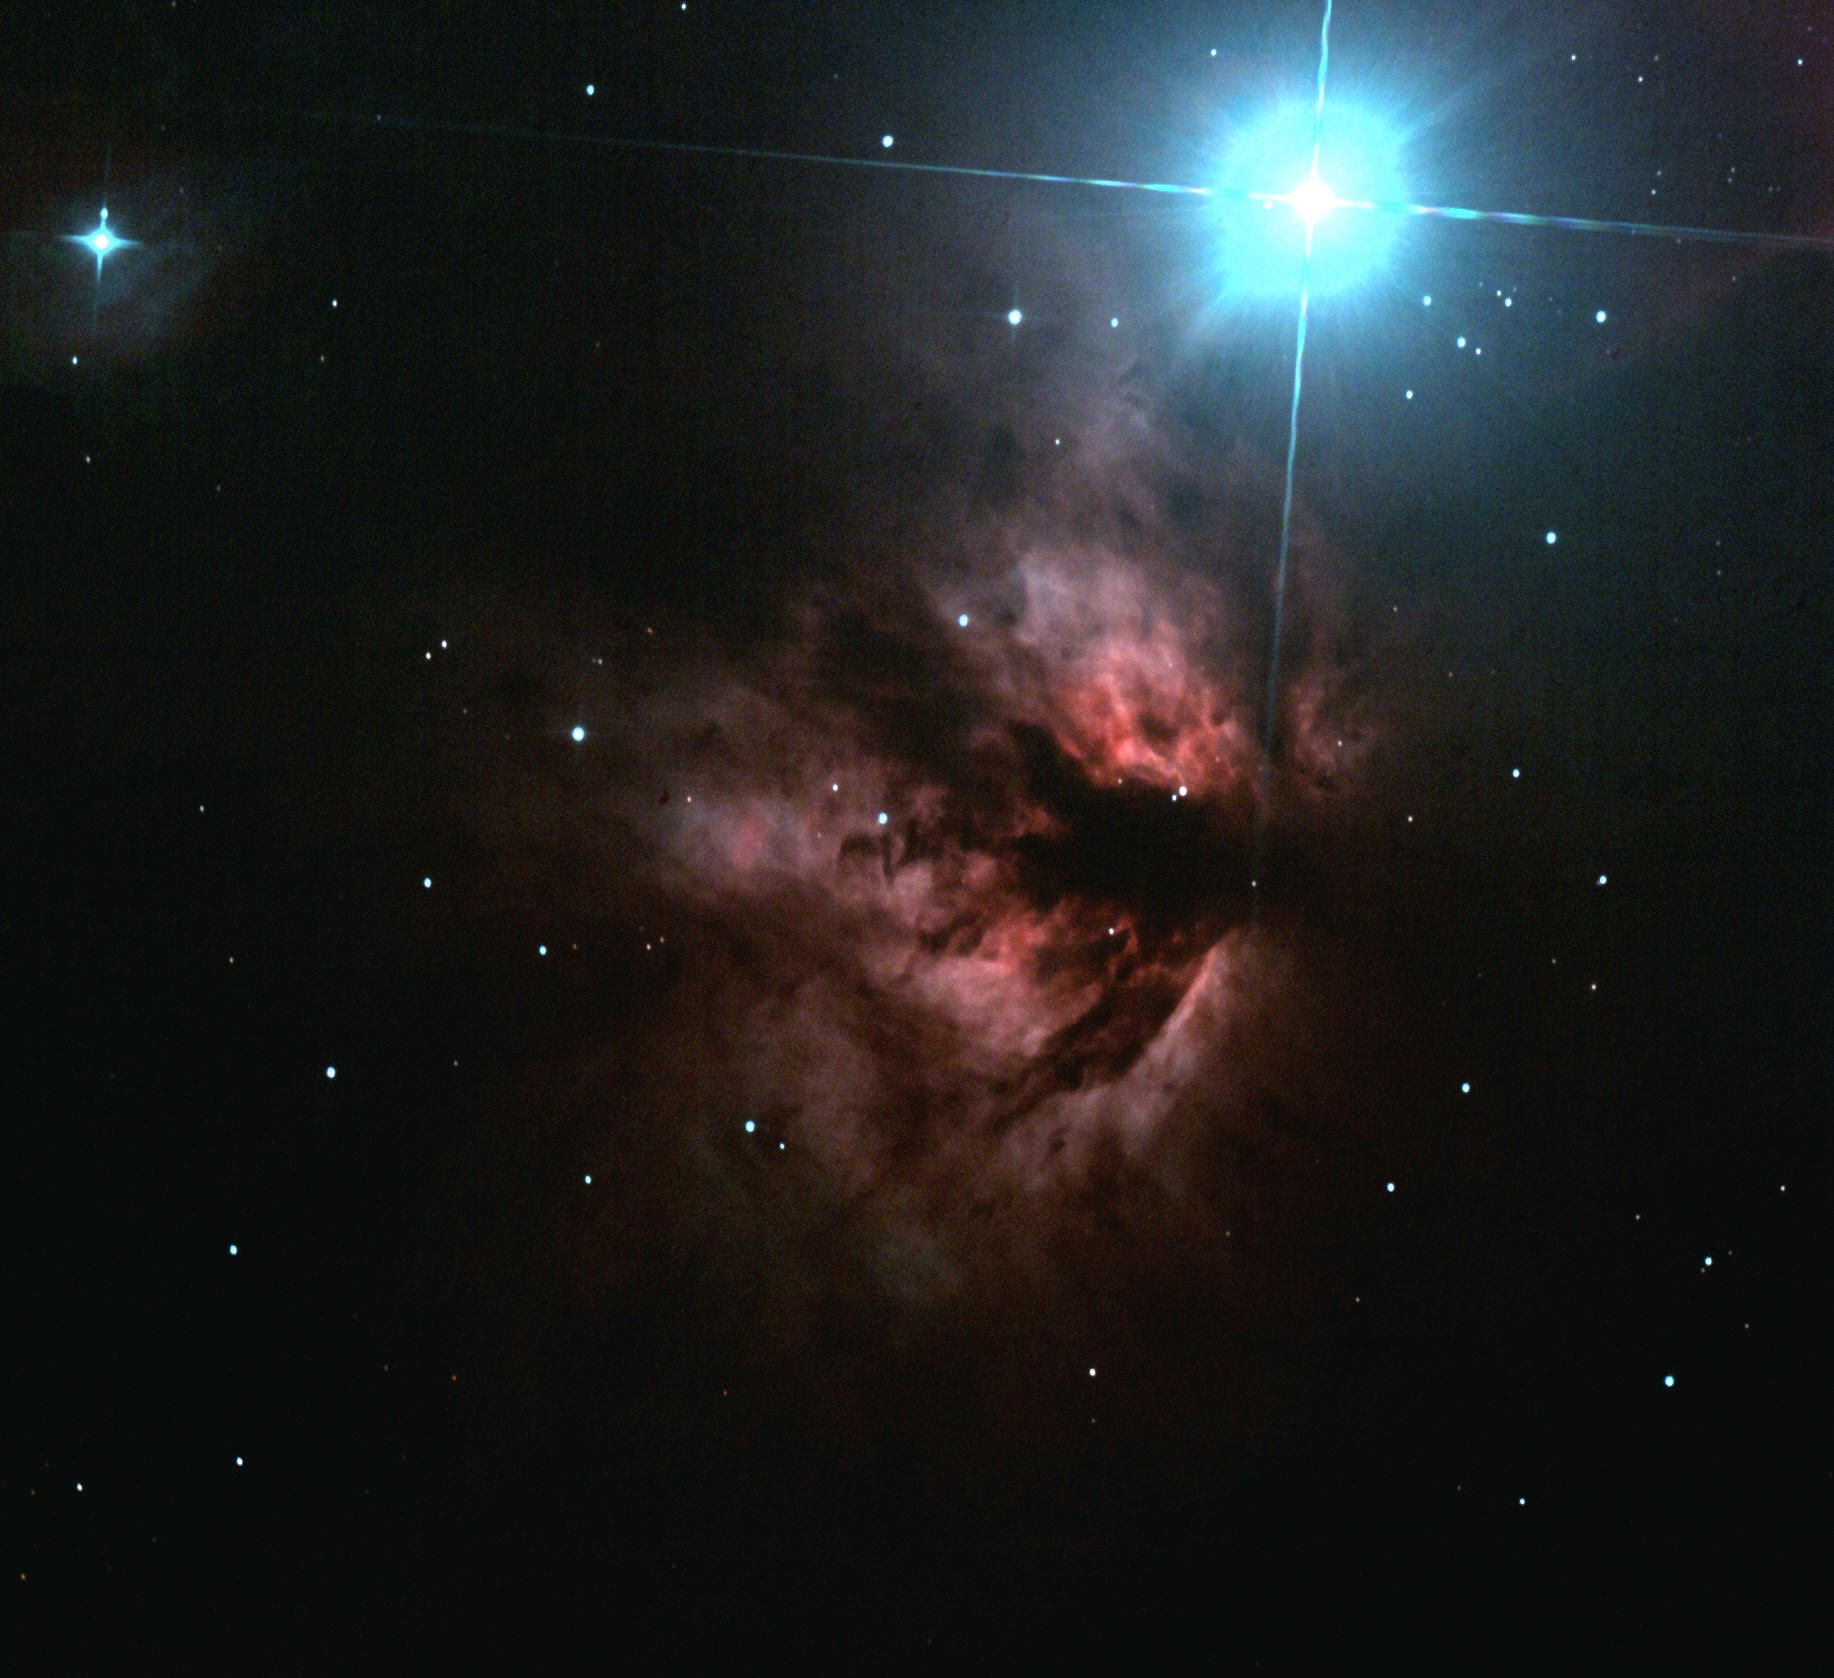 NGC 2024